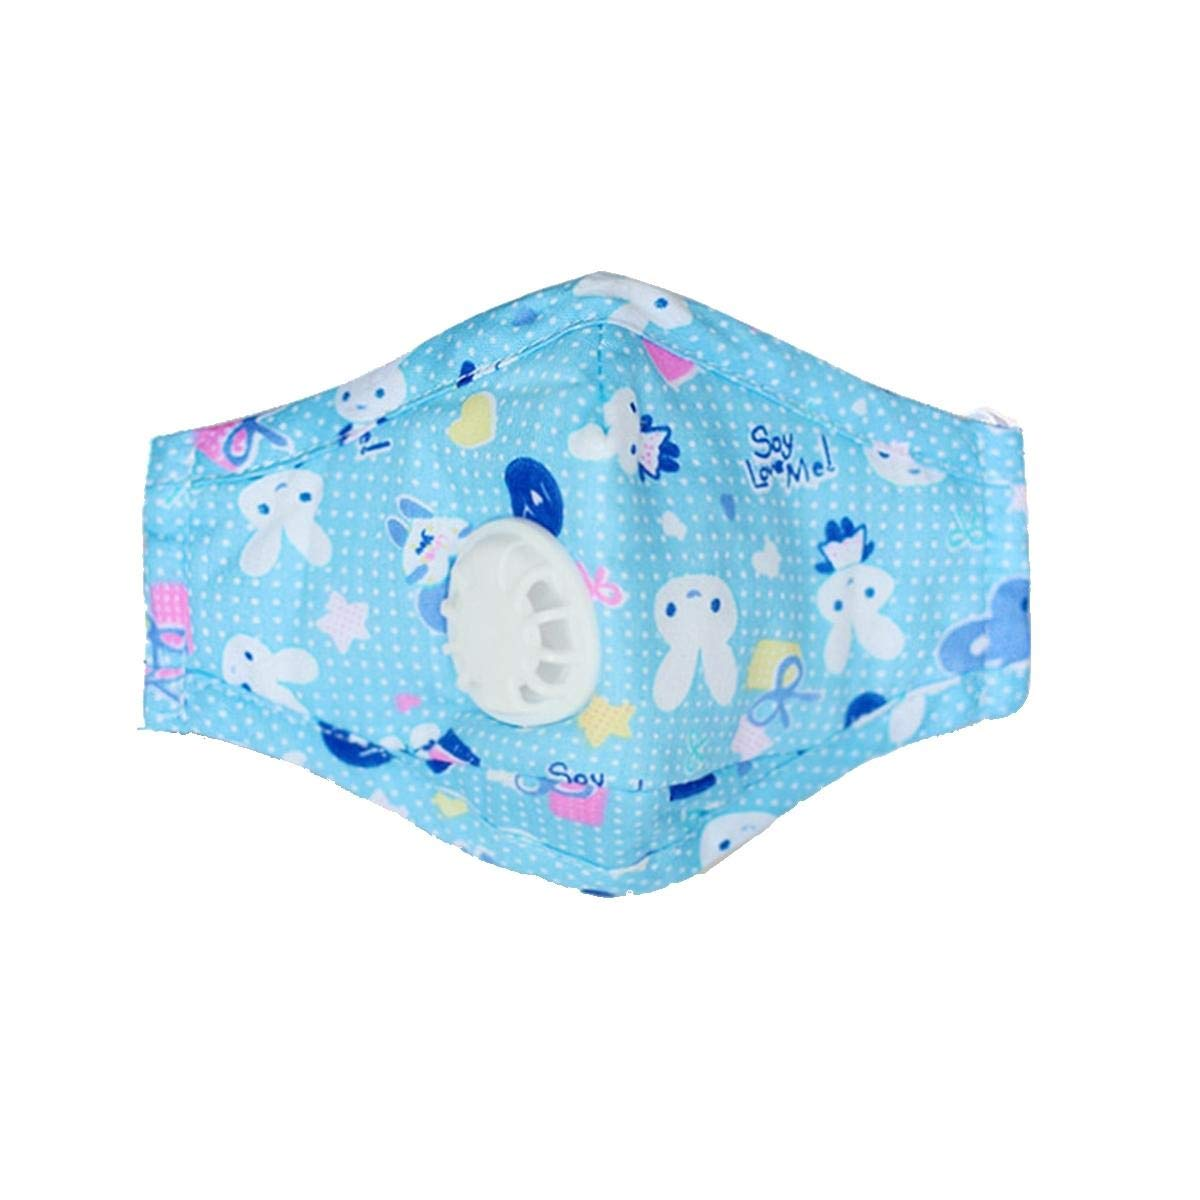 DASEXY PM2.5 Mascarilla facial de algod/ón for ni/ños Respirador anti bruma infantil a prueba de polvo con 2 filtros Perfecto para todos Color : 1blue